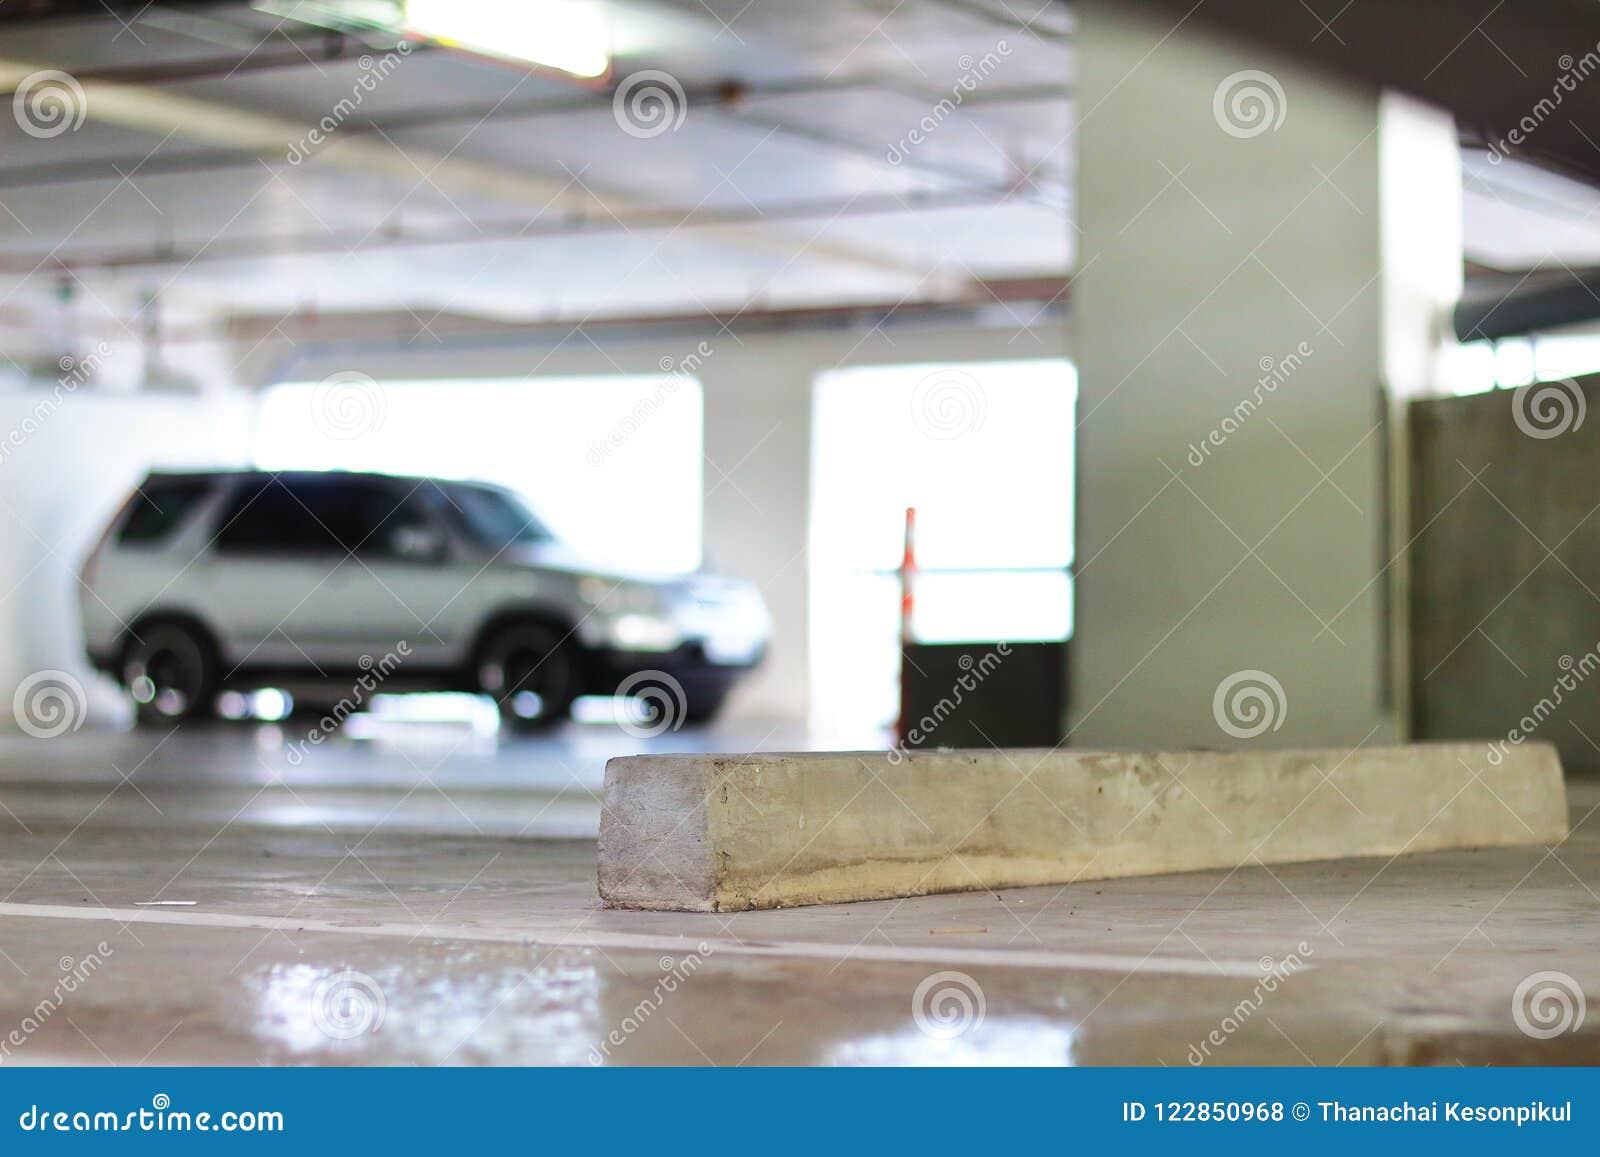 Freier Parkplatz und konkreter Radhalt